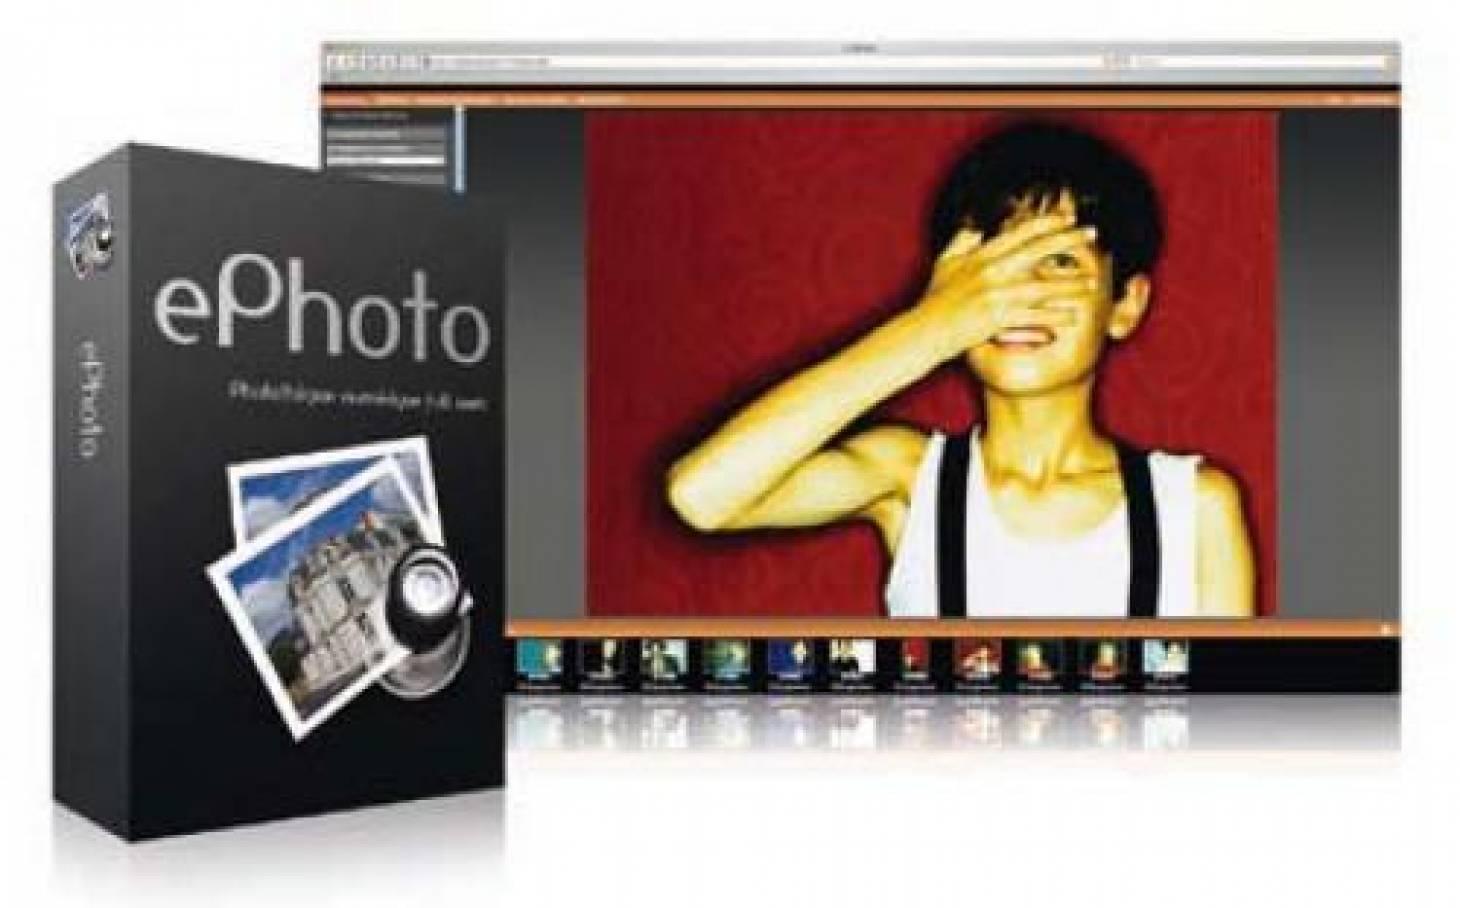 ePhoto, la photothèque du XXIe siècle